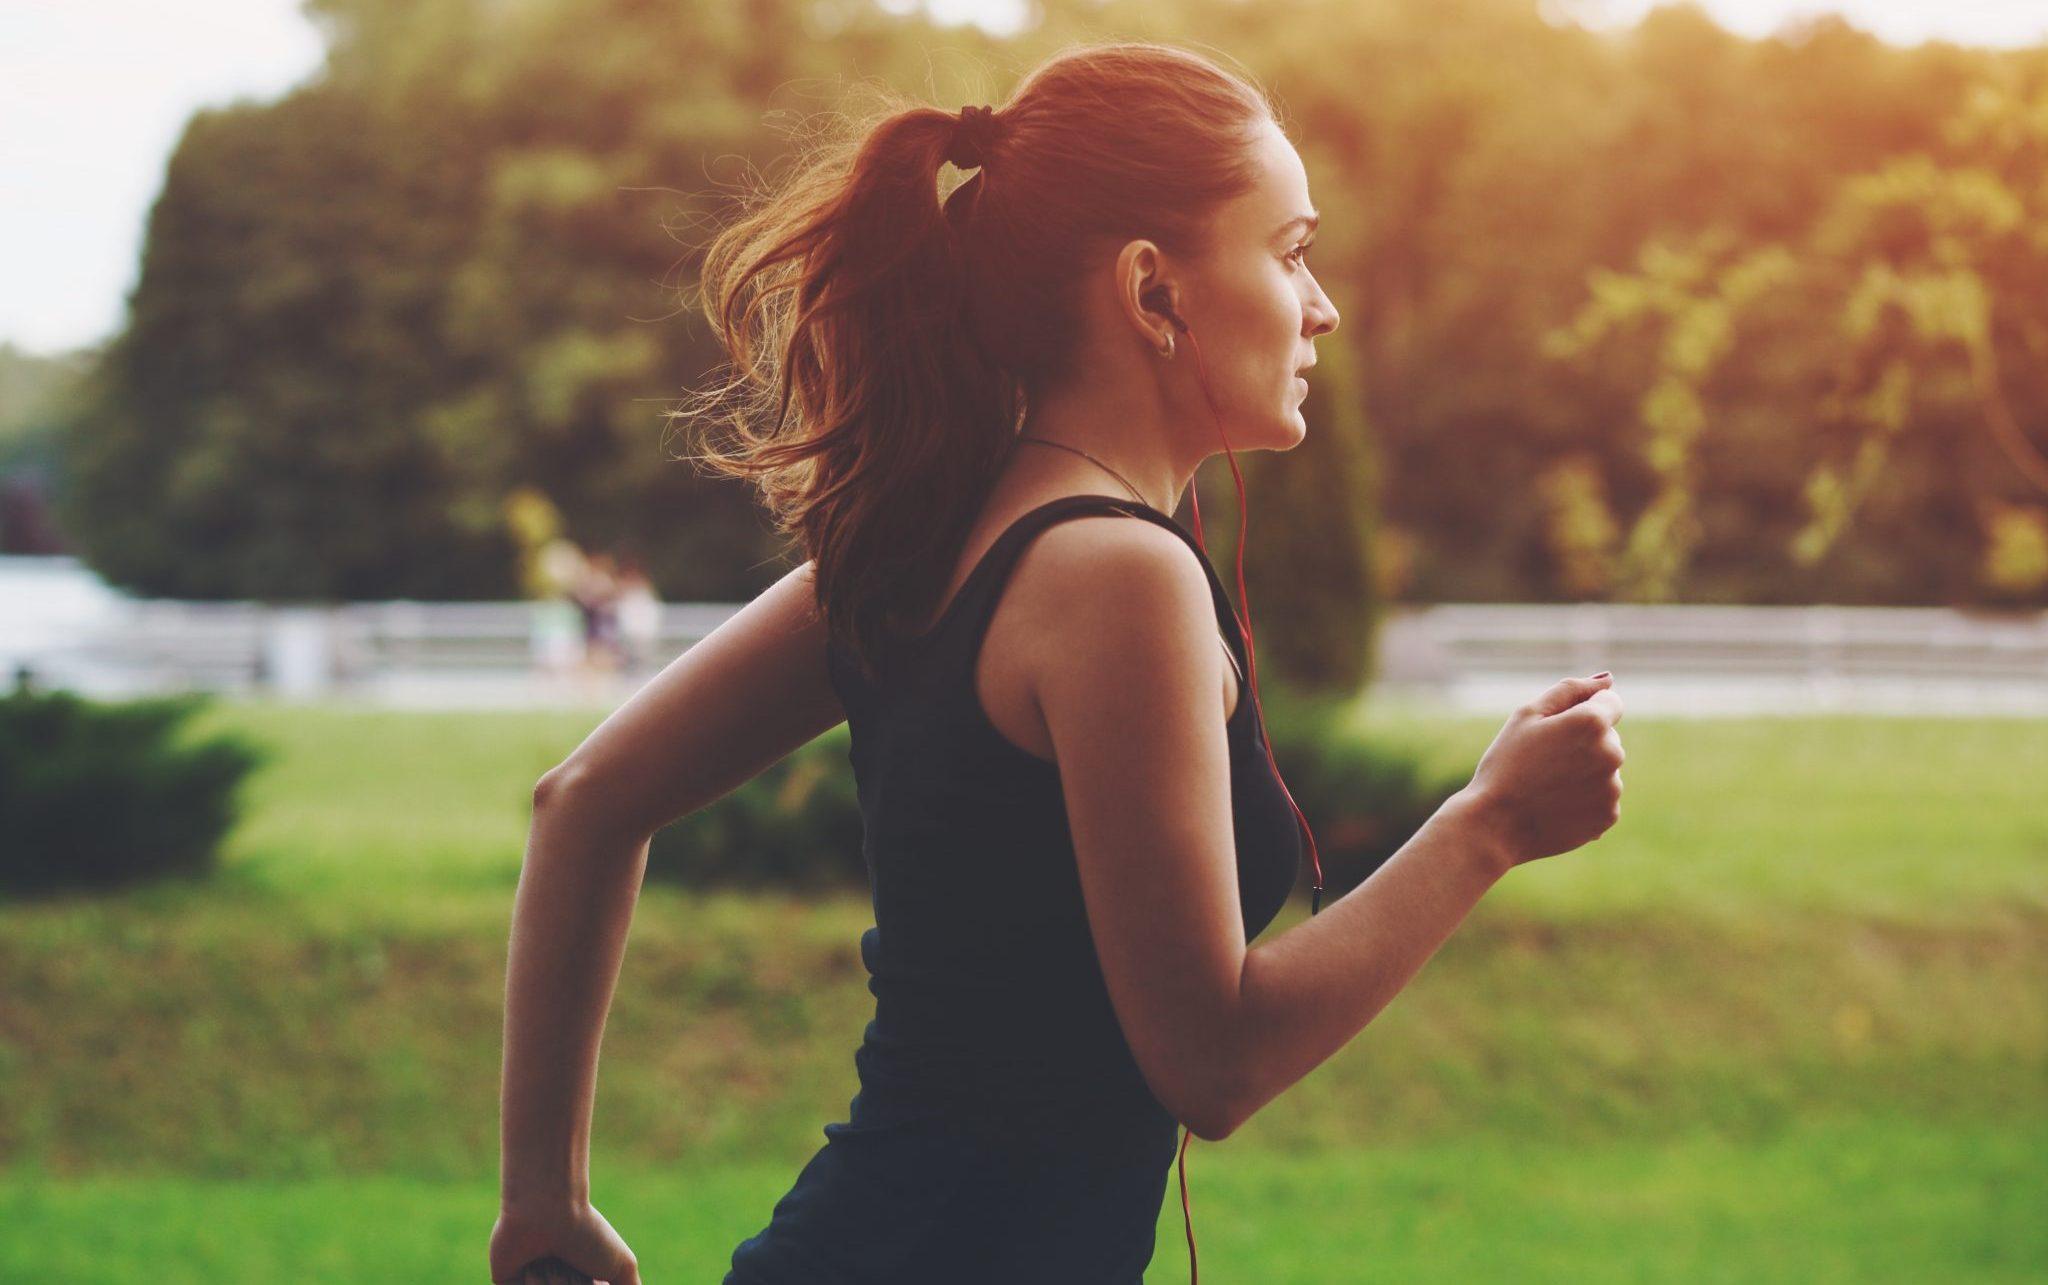 runner at dusk